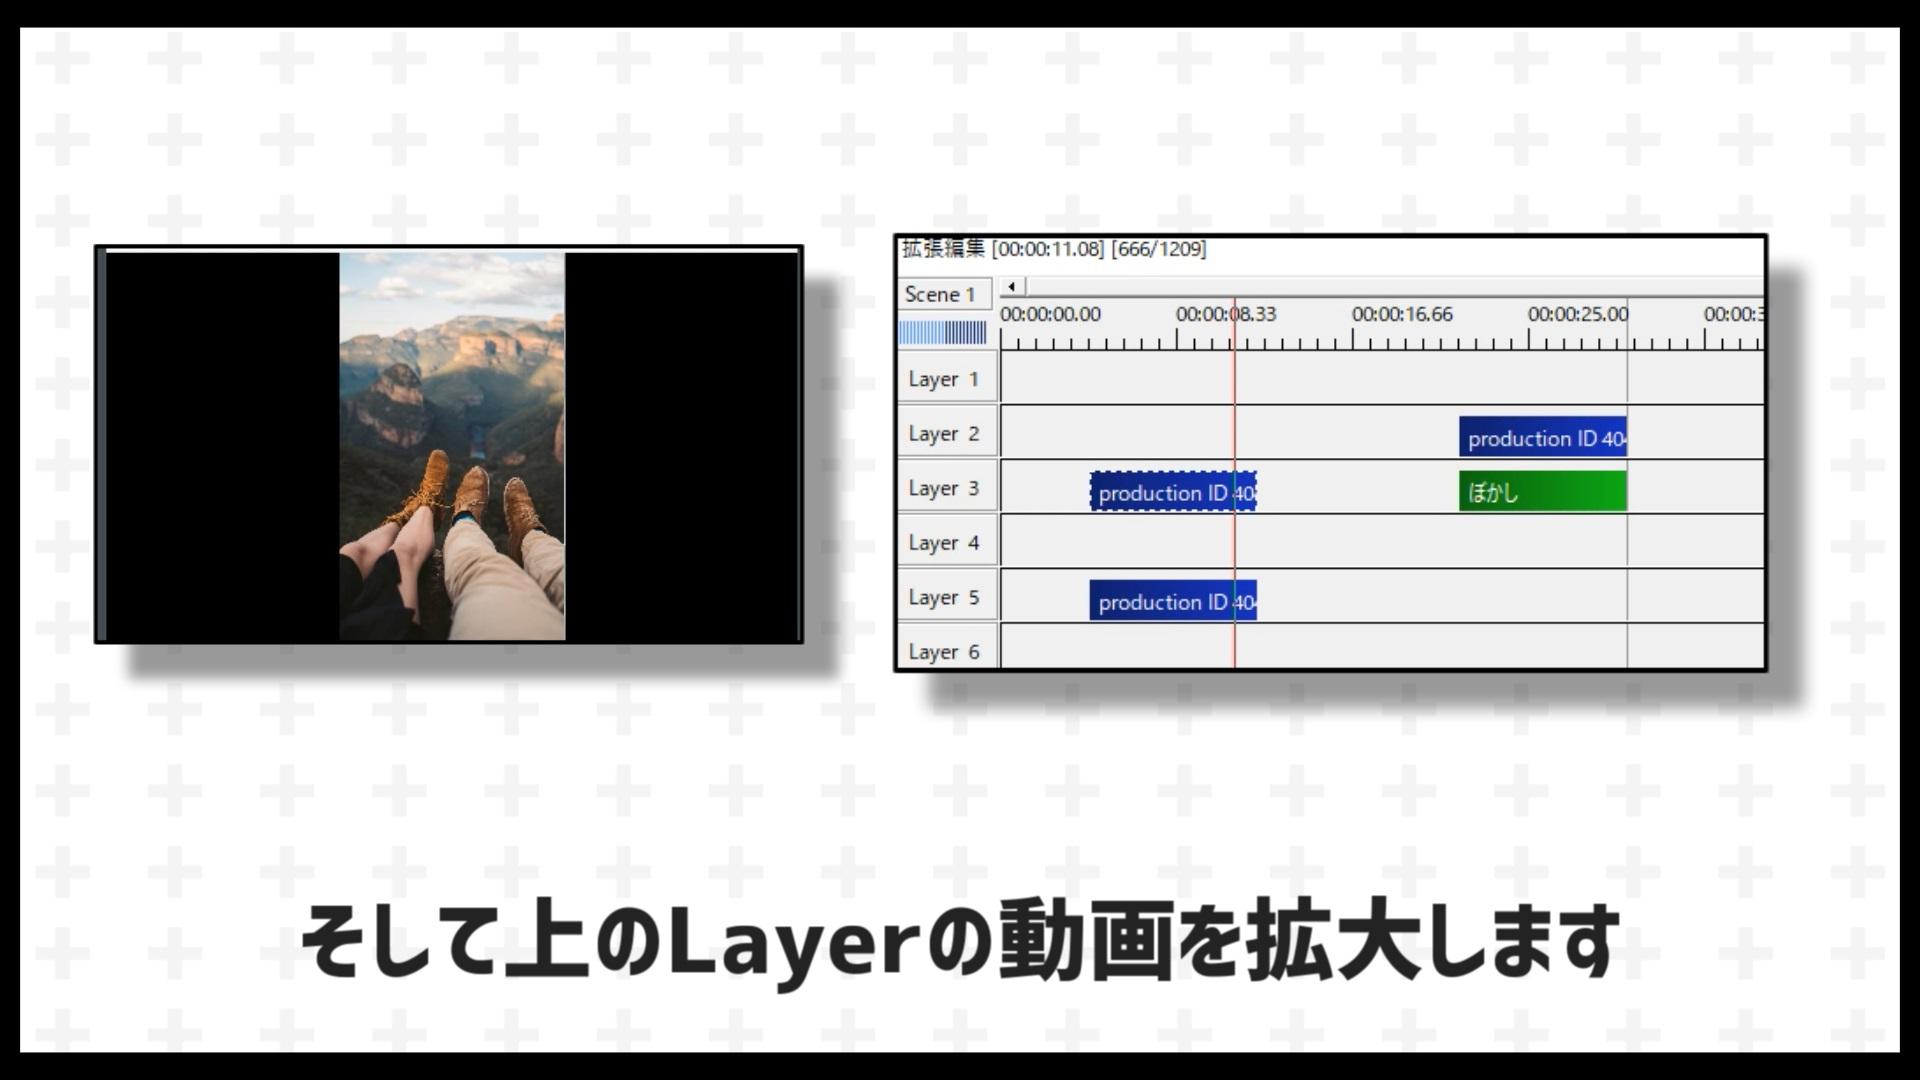 まず縦動画をコピーしておなじものを2つ用意します。そして上のLayerの動画を拡大します。余白の黒い部分が全部隠れるまで拡大しましょう。